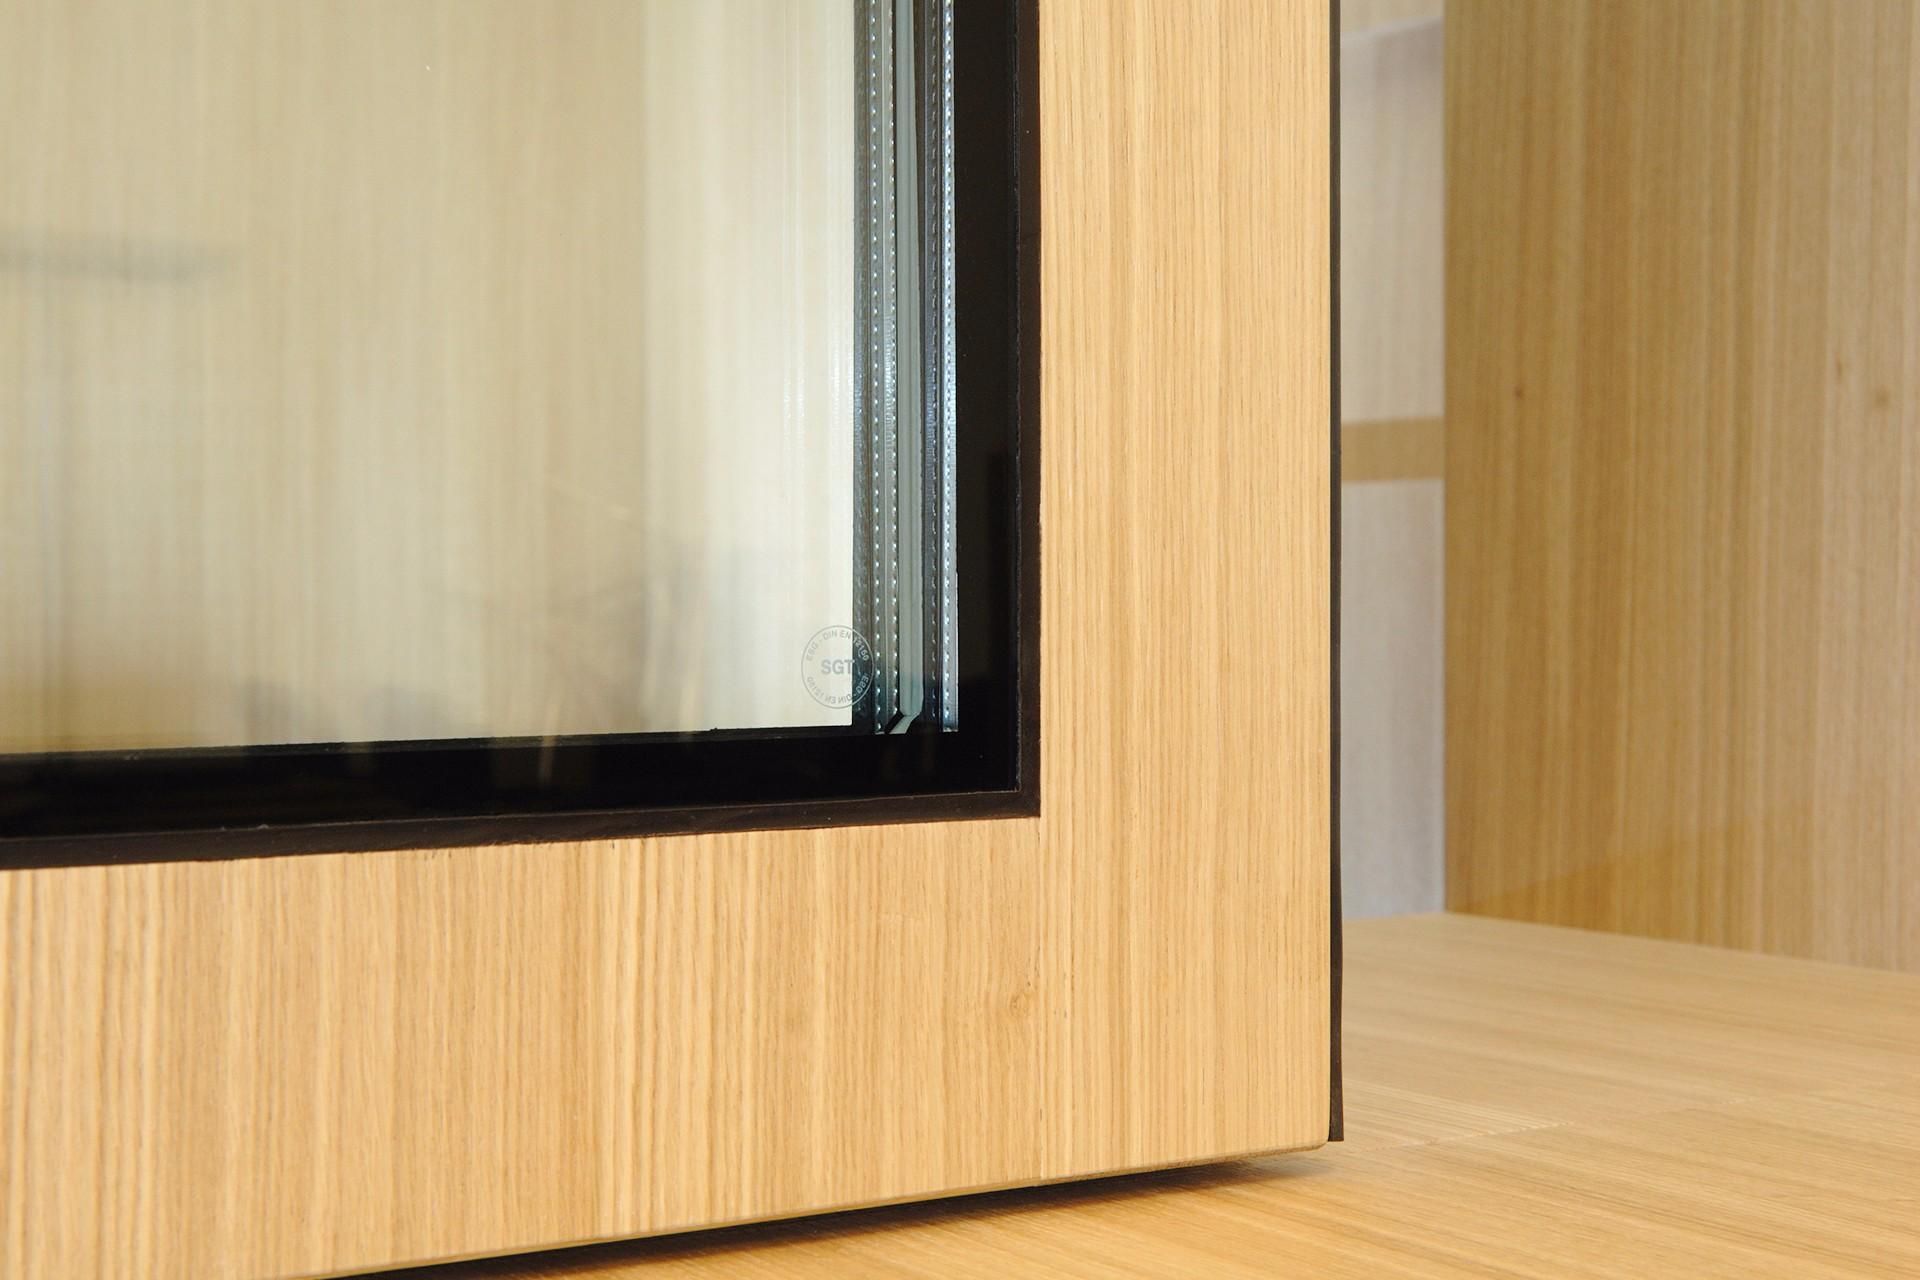 Schalter EI30 Schieber verglast Holz Eiche